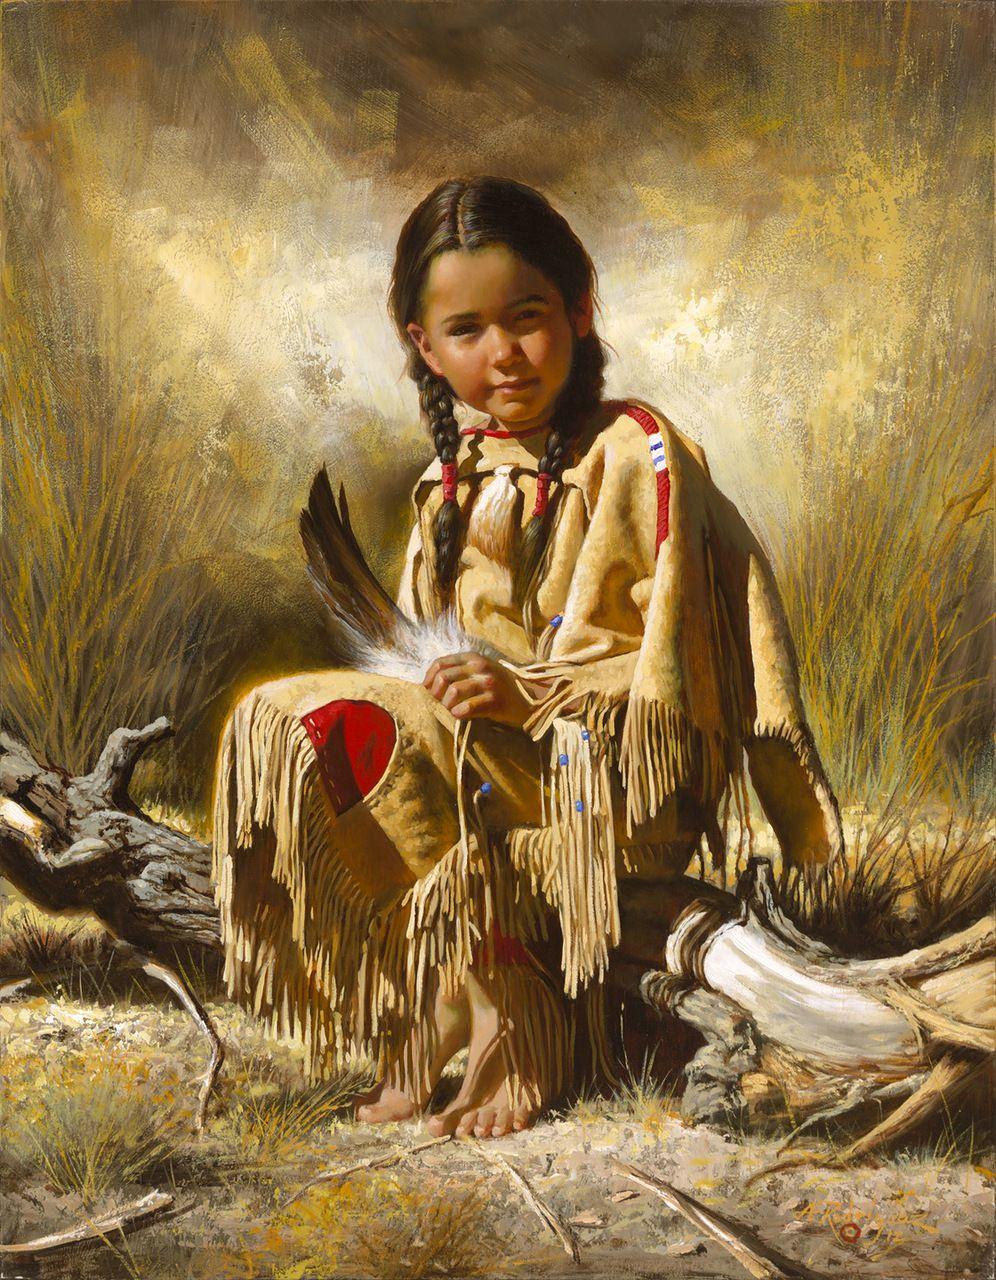 картинки с индейской тематикой приезжают